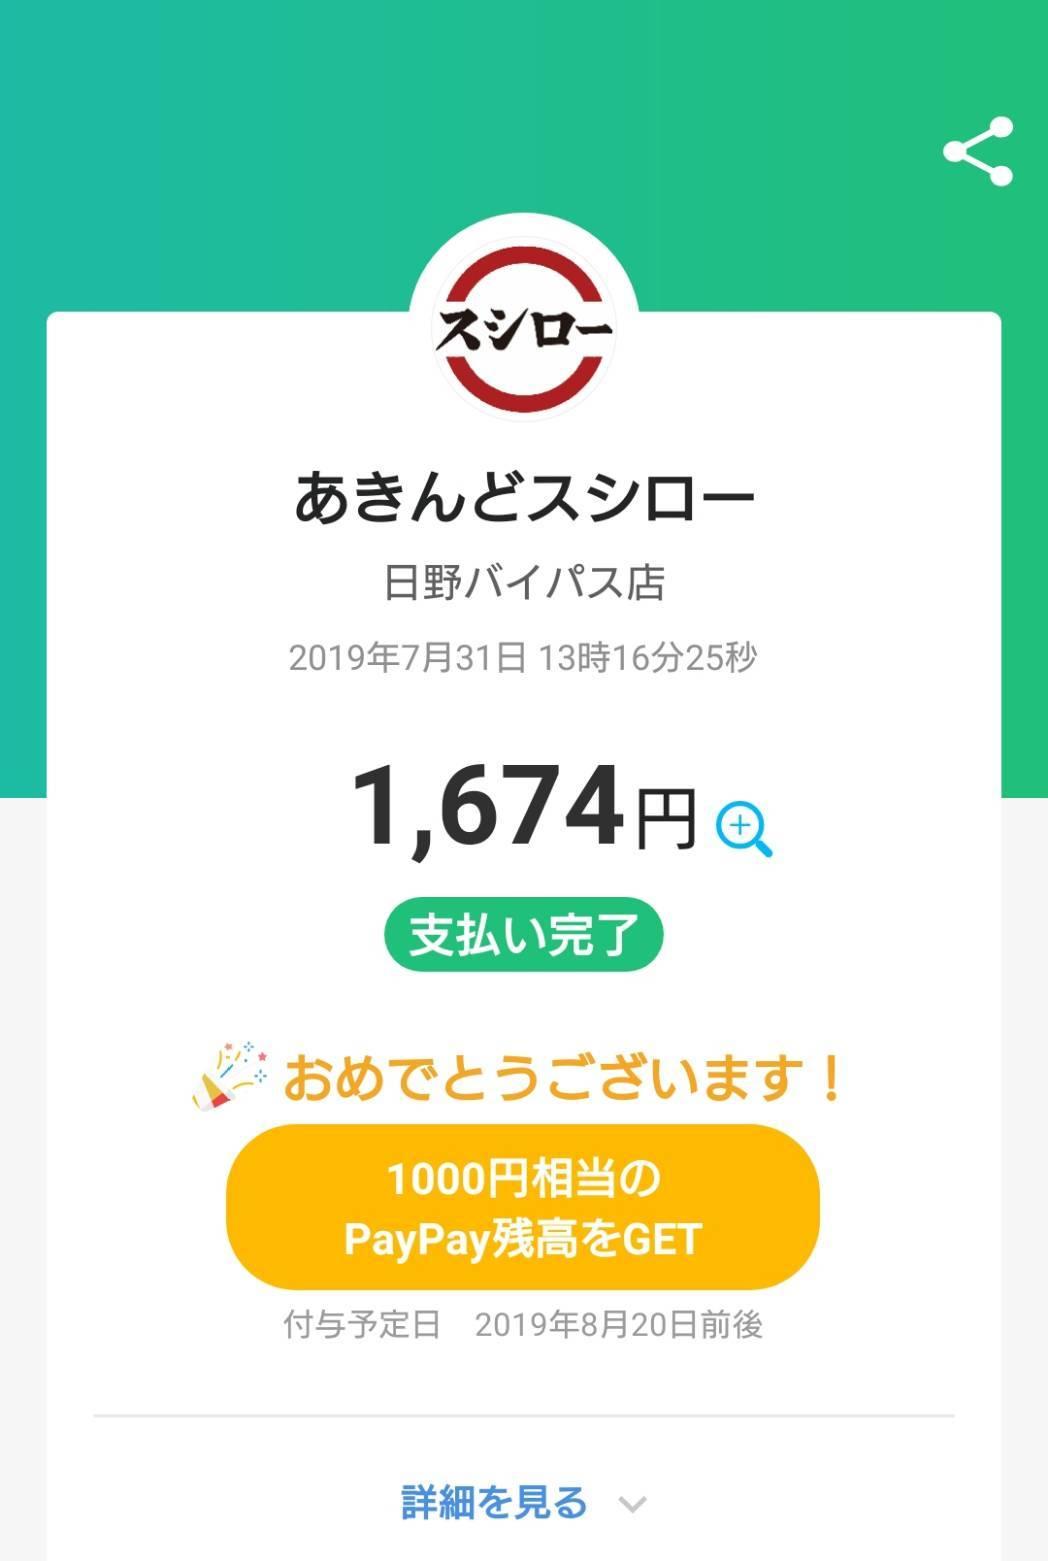 7/30夜勤明け PayPayワクワクランチ スシロー日野バイパス店_b0042308_20314211.jpg